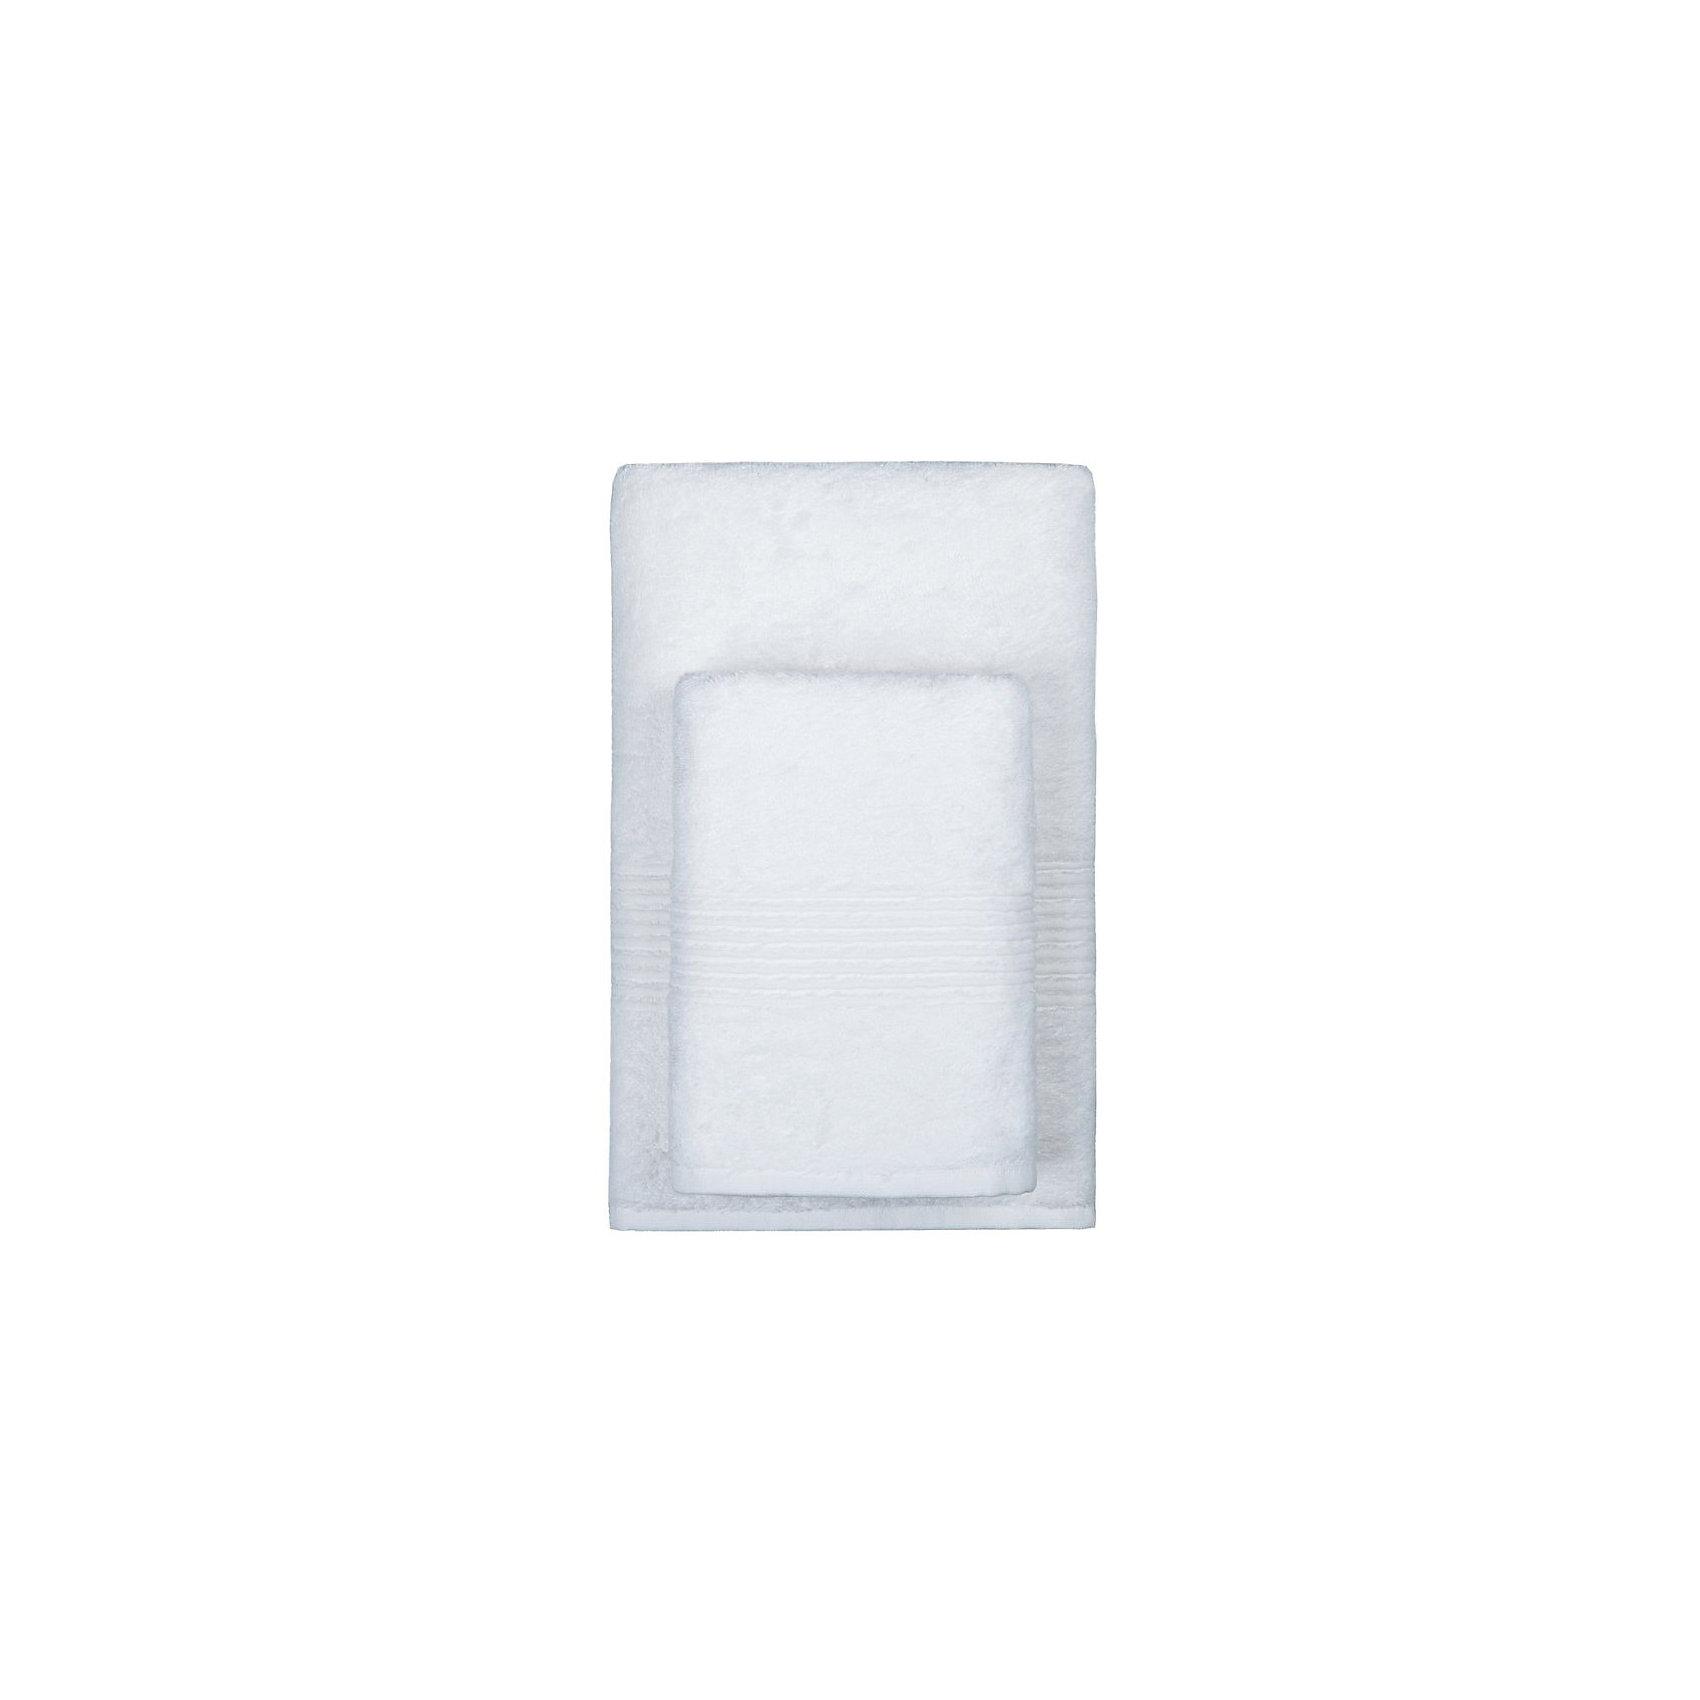 Полотенце махровое Maison Bambu, 70*140, TAC, белый (beyaz)Ванная комната<br>Характеристики:<br><br>• Вид домашнего текстиля: махровое полотенце<br>• Размеры полотенца: 70*140 см<br>• Рисунок: без рисунка<br>• Декоративные элементы: бордюр<br>• Материал: хлопок, 50% хлопок; бамбук, 50%<br>• Цвет: белый<br>• Плотность полотна: 550 гр/м2 <br>• Вес: 550 г<br>• Размеры упаковки (Д*Ш*В): 37*5*25 см<br>• Особенности ухода: машинная стирка <br><br>Полотенце махровое Maison Bambu, 70*140, TAC, белый (beyaz) от наиболее популярного бренда на отечественном рынке среди производителей комплектов постельного белья и текстильных принадлежностей, выпуском которого занимается производственная компания, являющаяся частью мирового холдинга Zorlu Holding Textiles Group. Полотенце выполнено из сочетания натурального хлопка и бамбукового волокна, что обеспечивает гипоаллергенность, высокую износоустойчивость, повышенные гигкоскопические и антибактериальные свойства изделия. <br><br>Благодаря высокой степени плотности махры, полотенце отлично впитывает влагу, но при этом остается мягким. Ворс окрашен стойкими нетоксичными красителями, который не оставляет запаха и обеспечивает ровный окрас. Полотенце сохраняет свой цвет и форму даже при частых стирках. Выполнено в белом цвете без рисунка, декорировано бордюром.<br><br>Полотенце махровое Maison Bambu, 70*140, TAC, белый (beyaz) можно купить в нашем интернет-магазине.<br><br>Ширина мм: 250<br>Глубина мм: 30<br>Высота мм: 350<br>Вес г: 500<br>Возраст от месяцев: 216<br>Возраст до месяцев: 1188<br>Пол: Унисекс<br>Возраст: Детский<br>SKU: 5476331